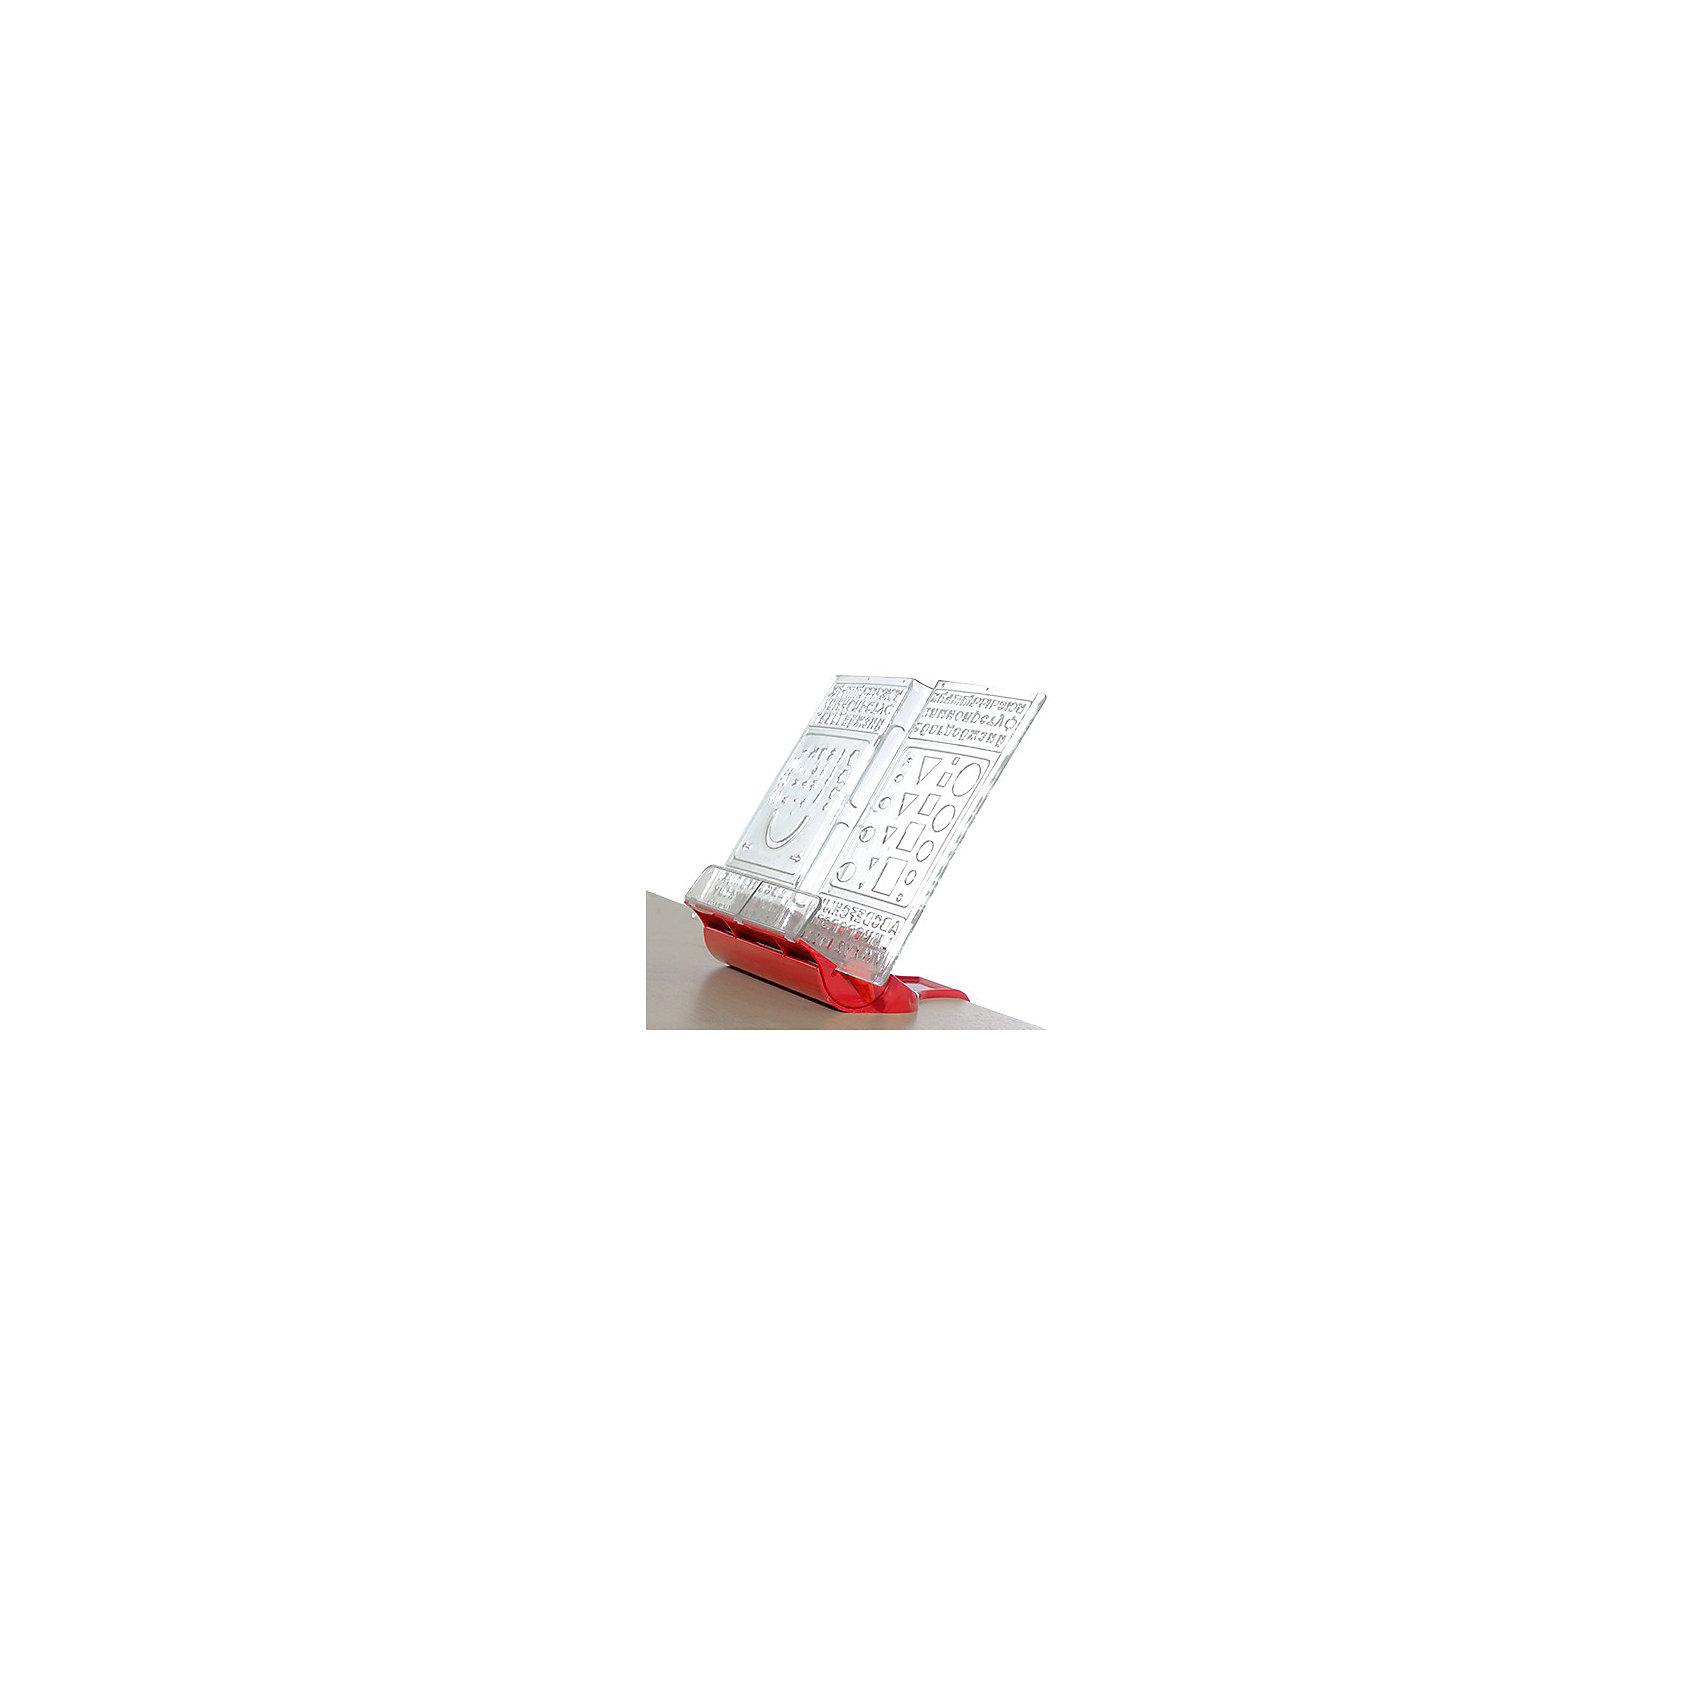 Подставка-трафарет для книг ПДК.01, Дэми, красныйПодставка-трафарет для книг ПДК.01, Дэми, красный – две нужные вещи в одной.<br>Данная модель подставок удобна тем, что ее можно крепить к любому краю или установить на стол. В комплект к подставке идет съемный трафарет, который или украшает подставку, или помогает ребенку рисовать. Подставка имеет три угла наклона для удобного чтения. Нижний бортик-ограничитель прижимает страницы.<br><br>Дополнительная информация: <br><br>Размер: 330x230x60 мм <br>Вес: 500 гр<br>Материал: пластик<br>Цвет: красный<br><br>Подставку-трафарет для книг ПДК.01, Дэми, красную можно купить в нашем интернет магазине.<br><br>Ширина мм: 330<br>Глубина мм: 230<br>Высота мм: 70<br>Вес г: 500<br>Возраст от месяцев: 48<br>Возраст до месяцев: 1188<br>Пол: Унисекс<br>Возраст: Детский<br>SKU: 4919251